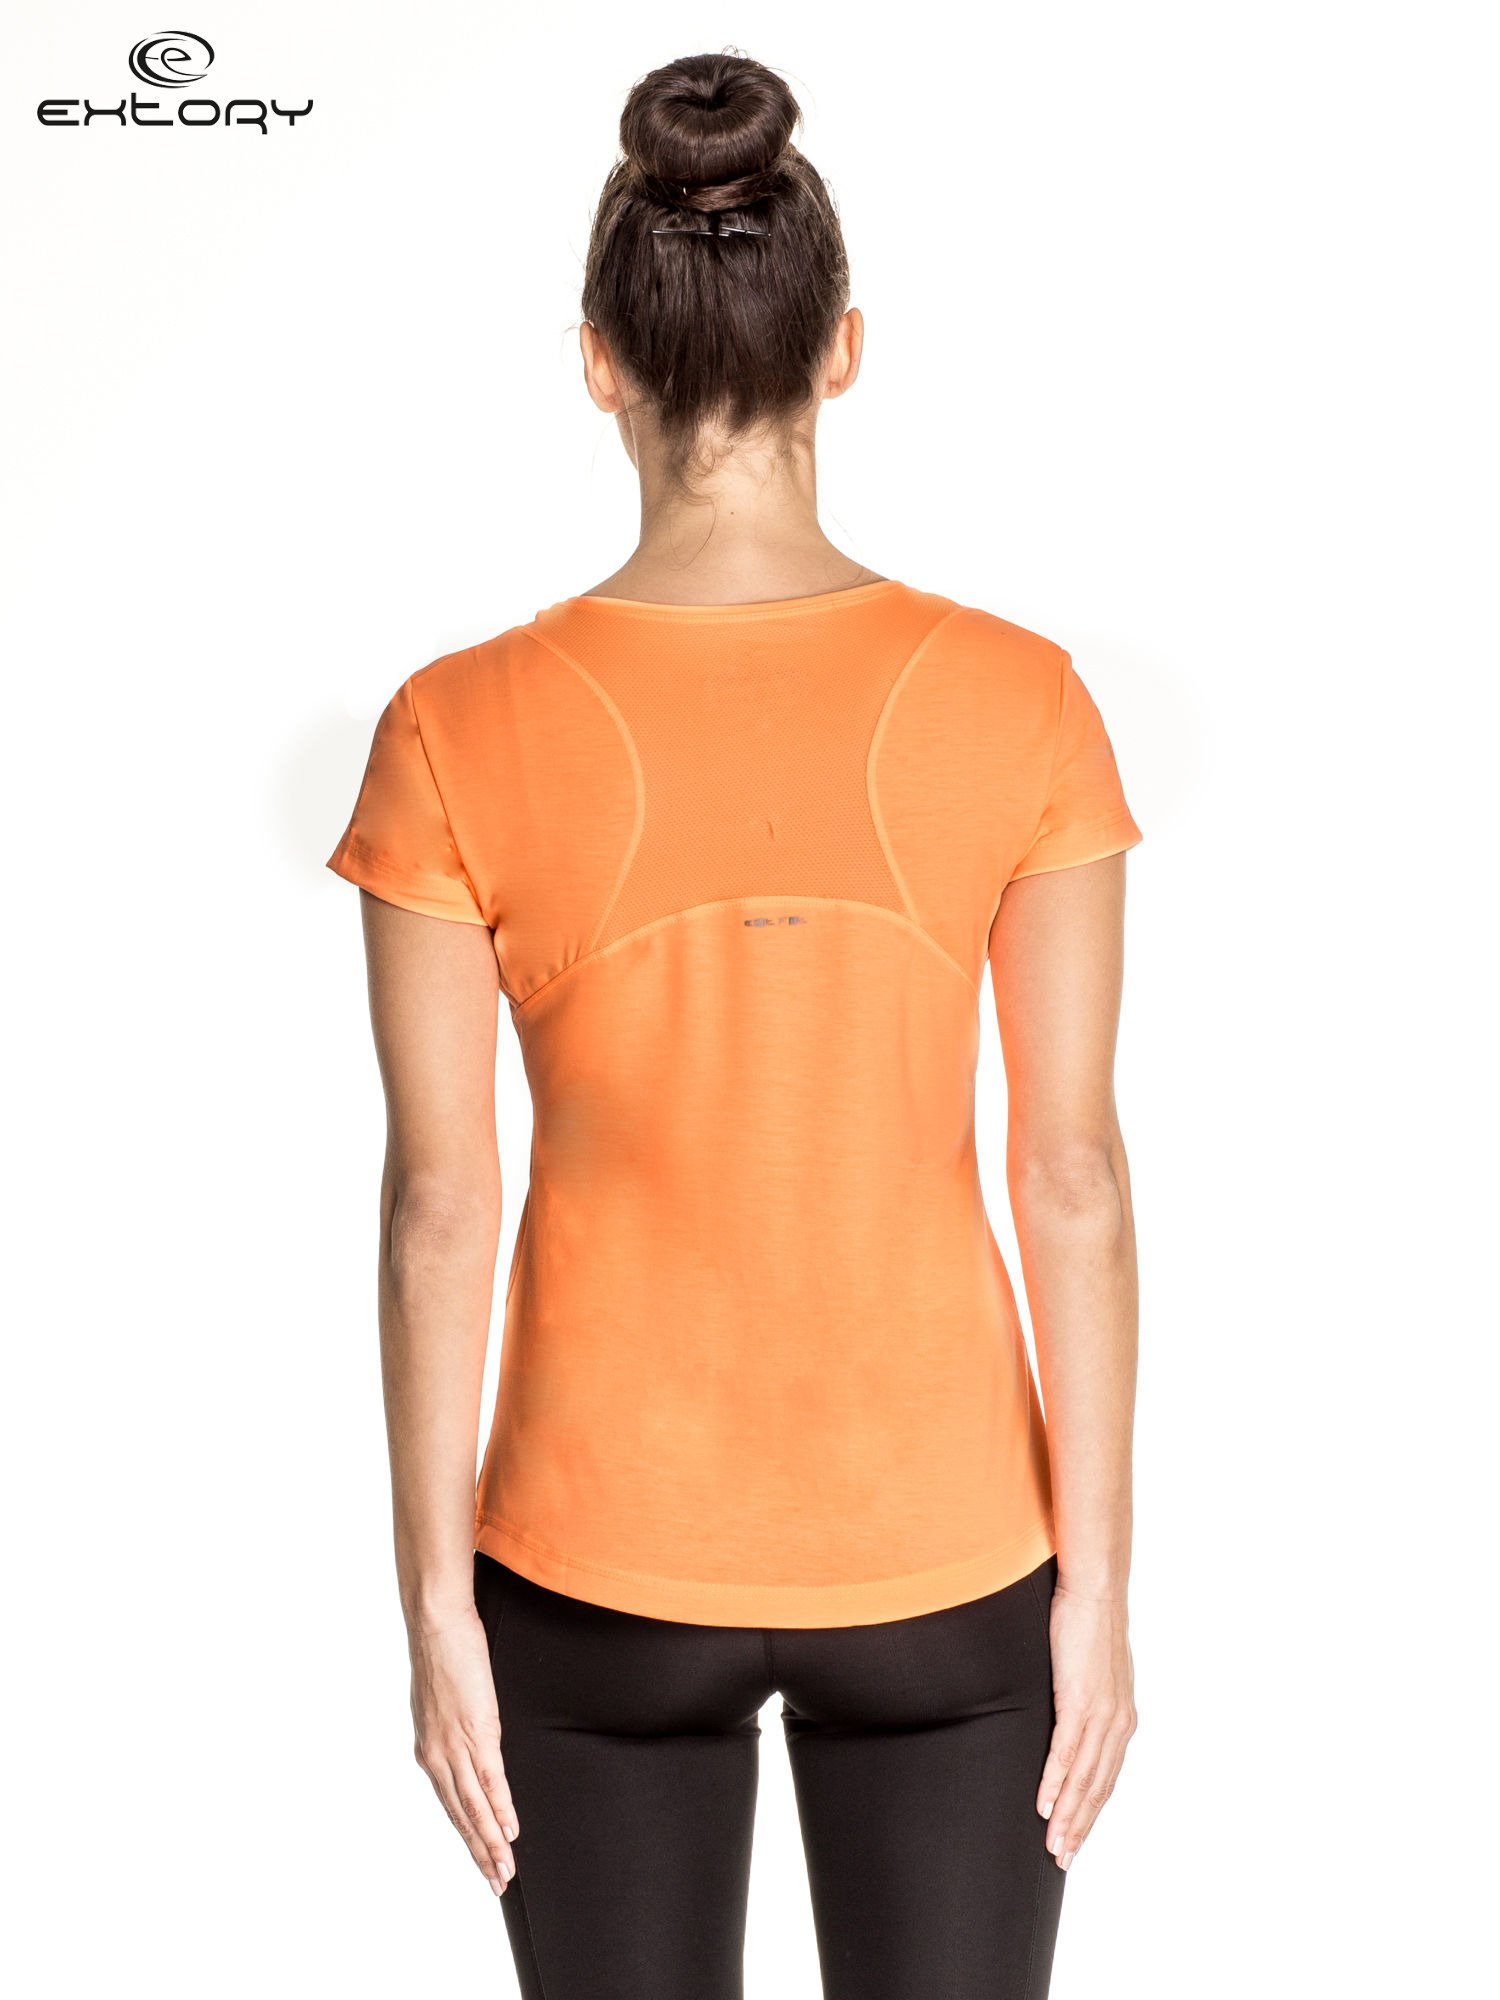 Pomarańczowy damski t-shirt sportowy z kieszonką                                  zdj.                                  4